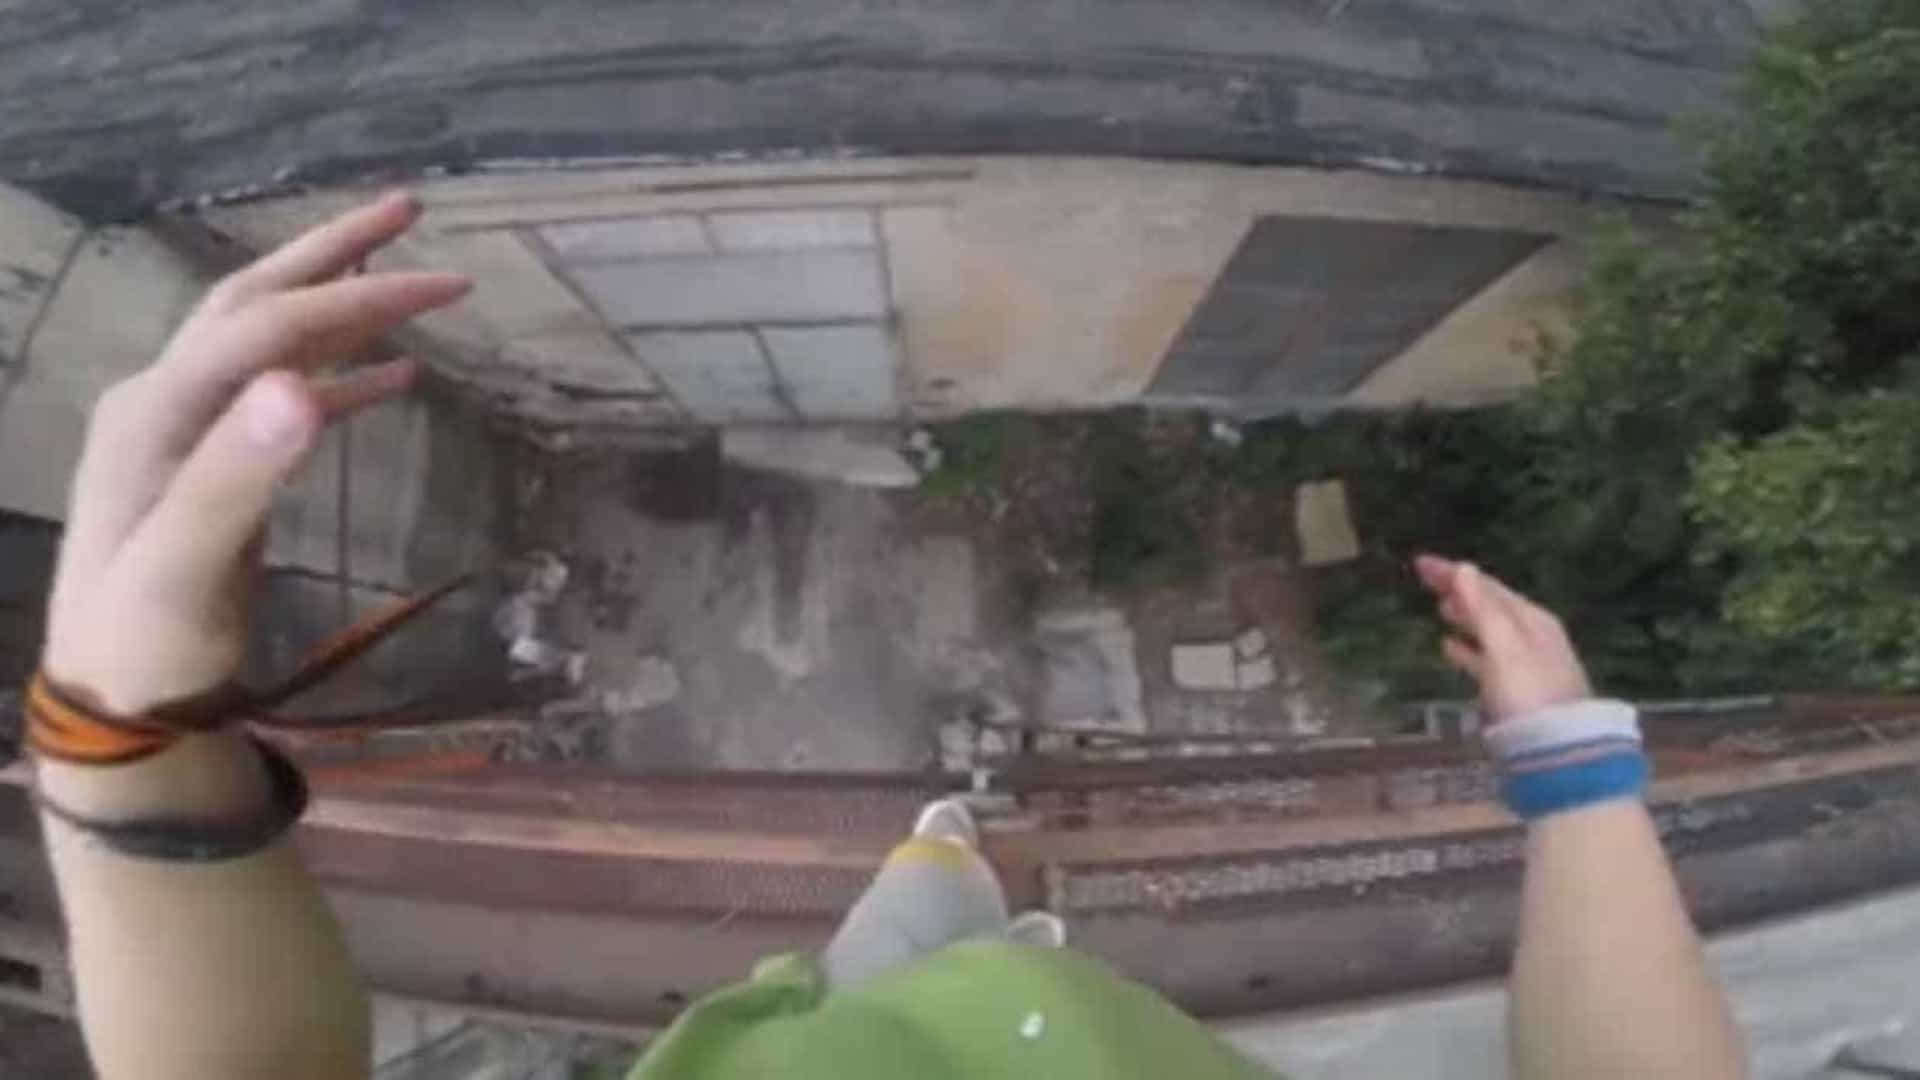 Por um fio: salto quase acaba em tragédia; vídeo